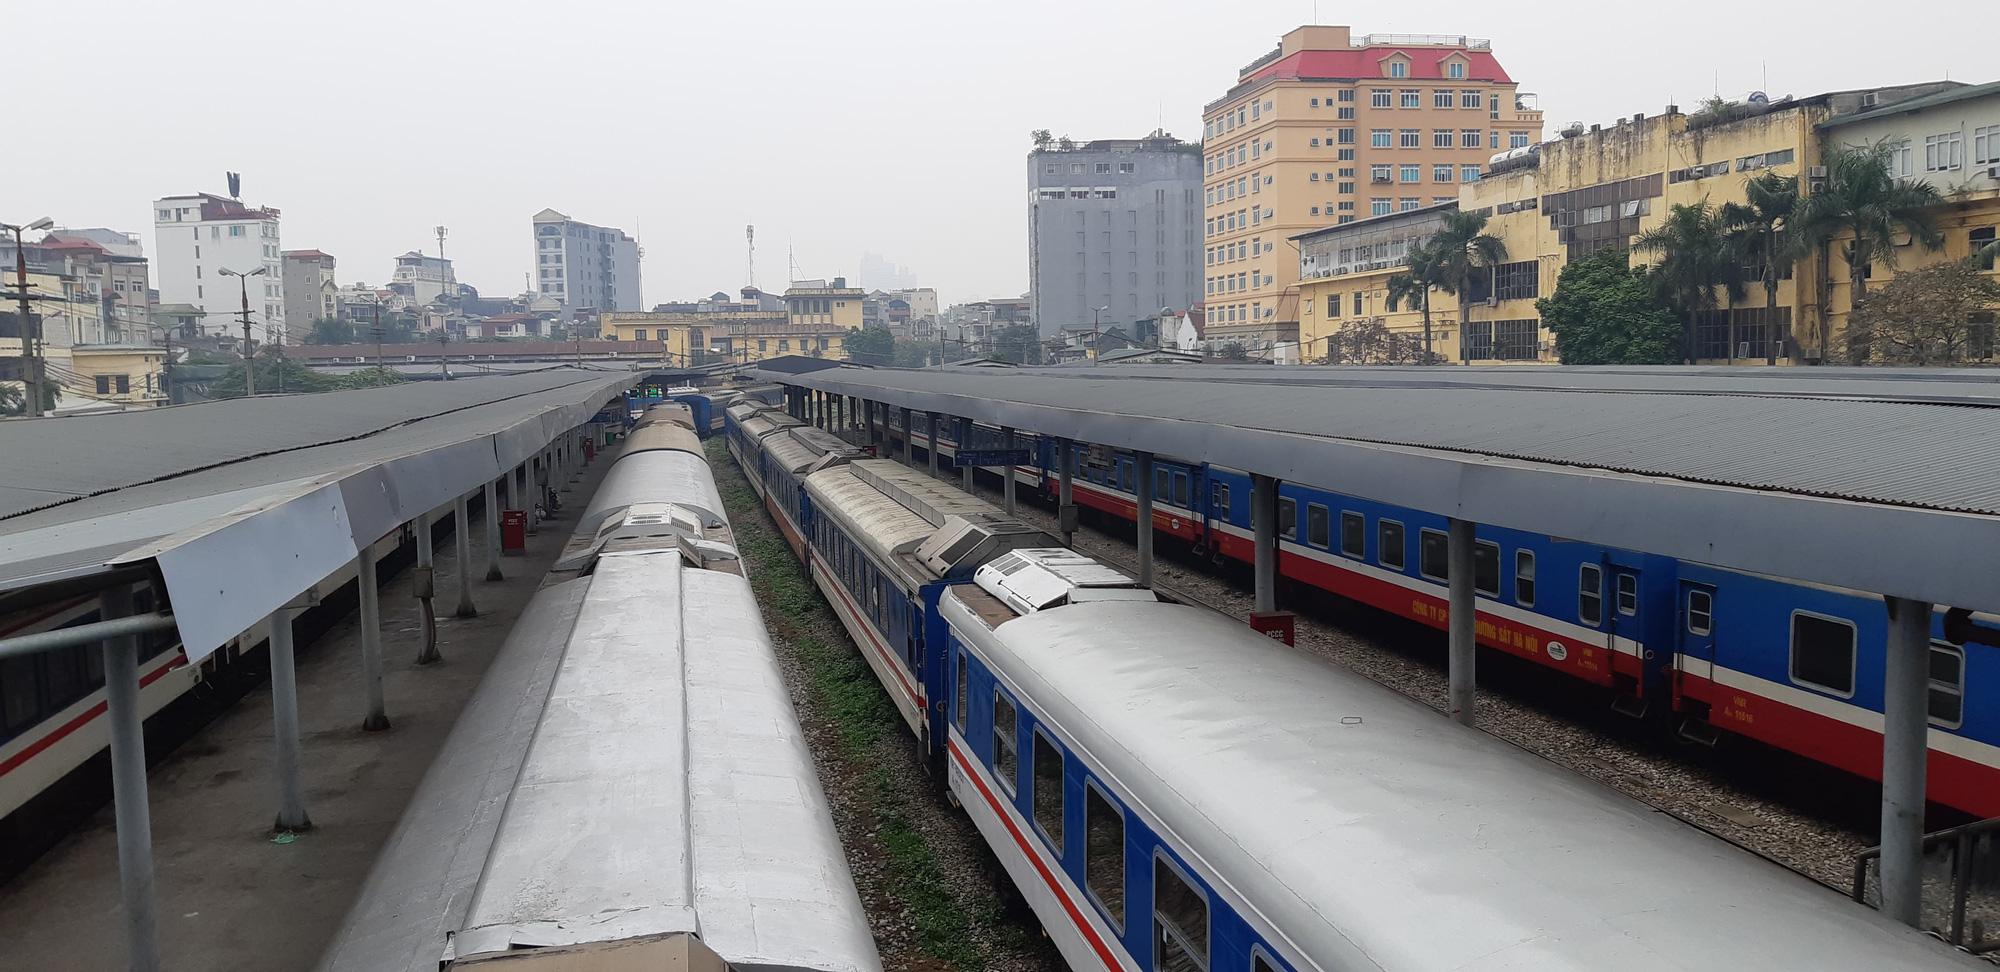 Đường sắt Bắc - Nam chạy lại các đôi tàu sau thời gian tạm dừng - Ảnh 1.